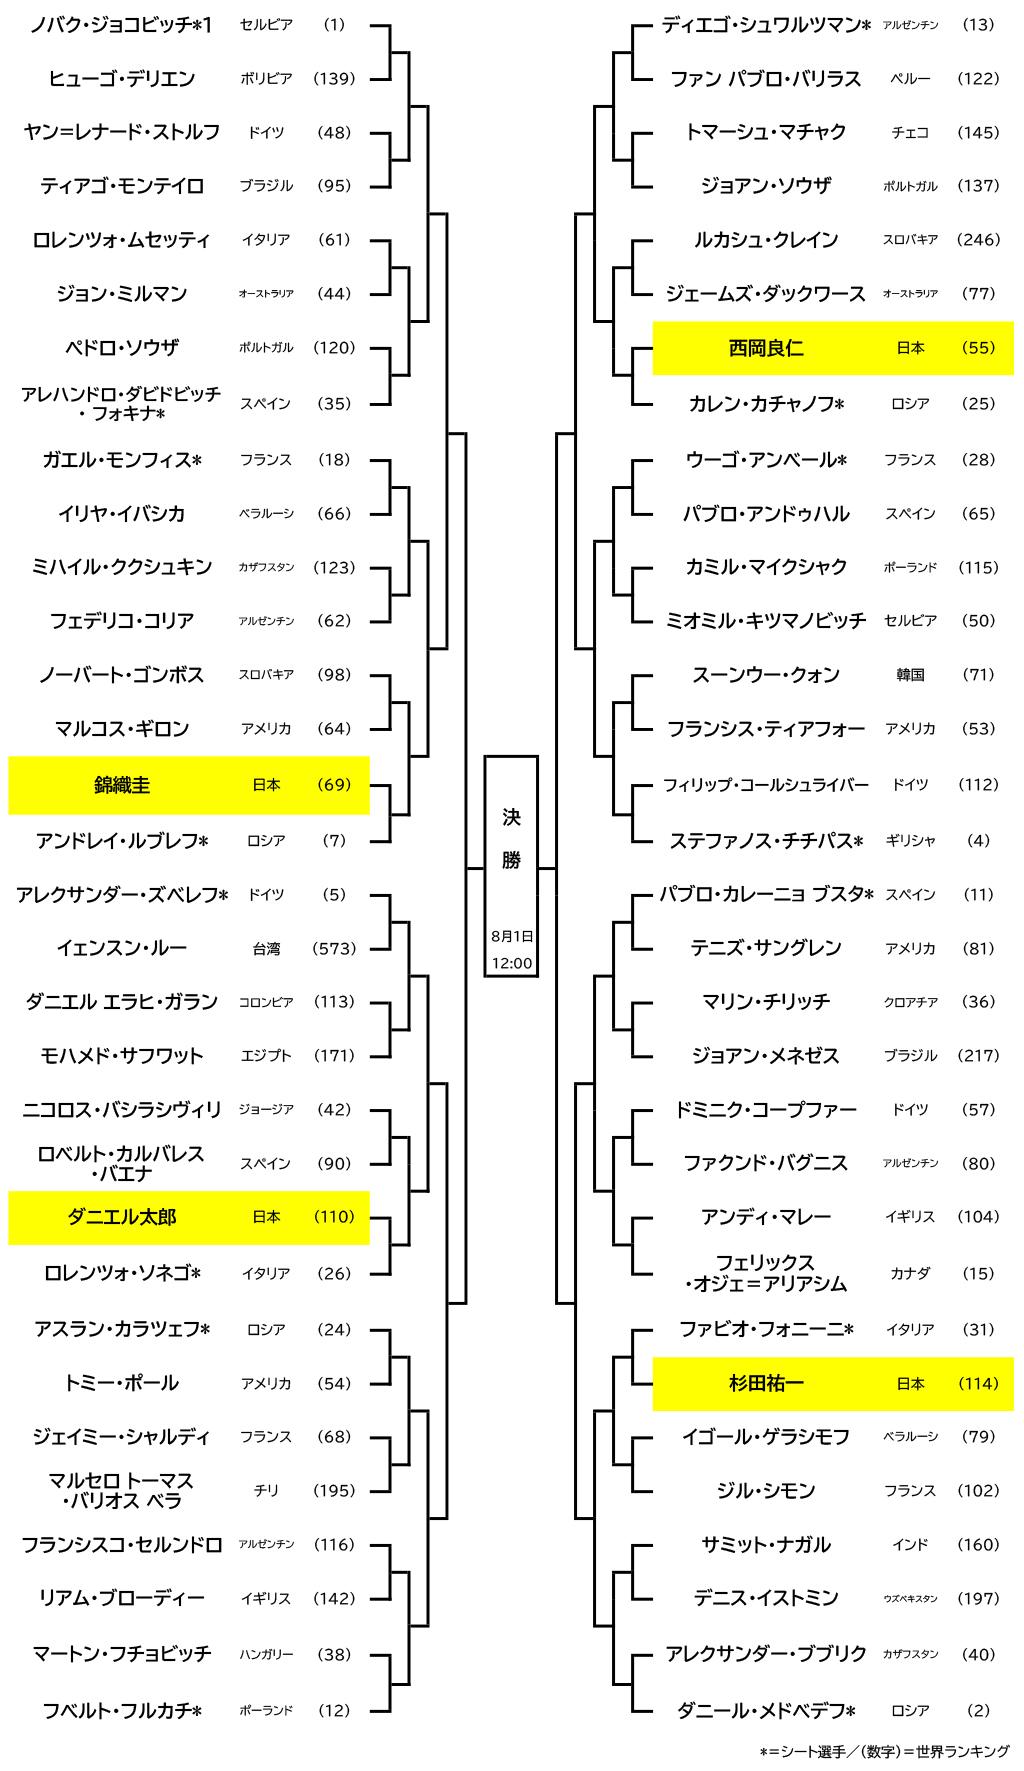 東京五輪の画像まとめ 画像